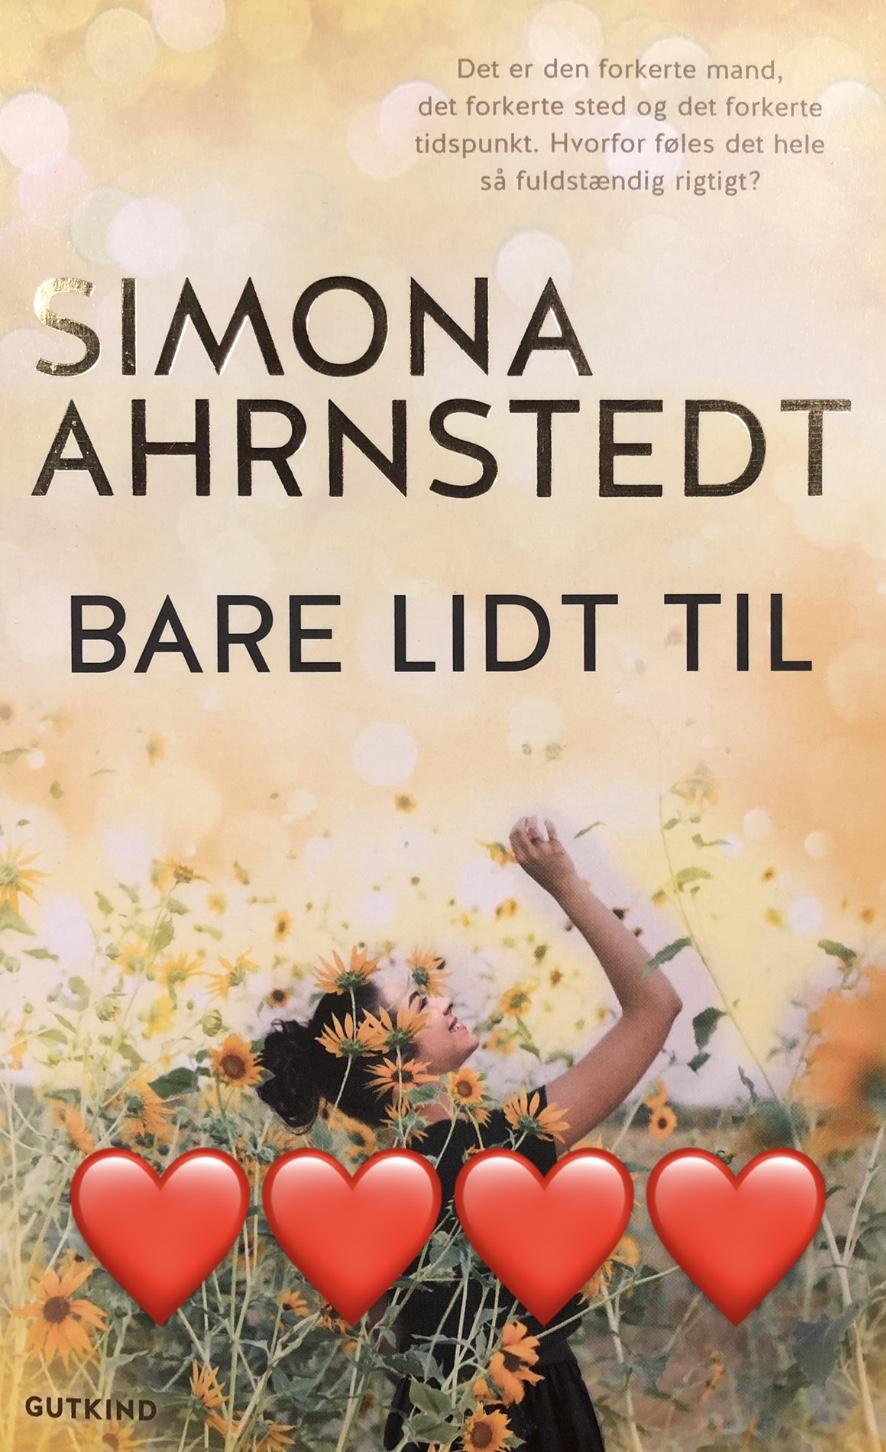 Bare lidt til, Simona Ahrnstedt, Gutkind, Gutkind Forlag, krummeskrummelurer, krummeskrummelurer.dk, boganmeldelse, anbefaling, anmeldereksemplar,